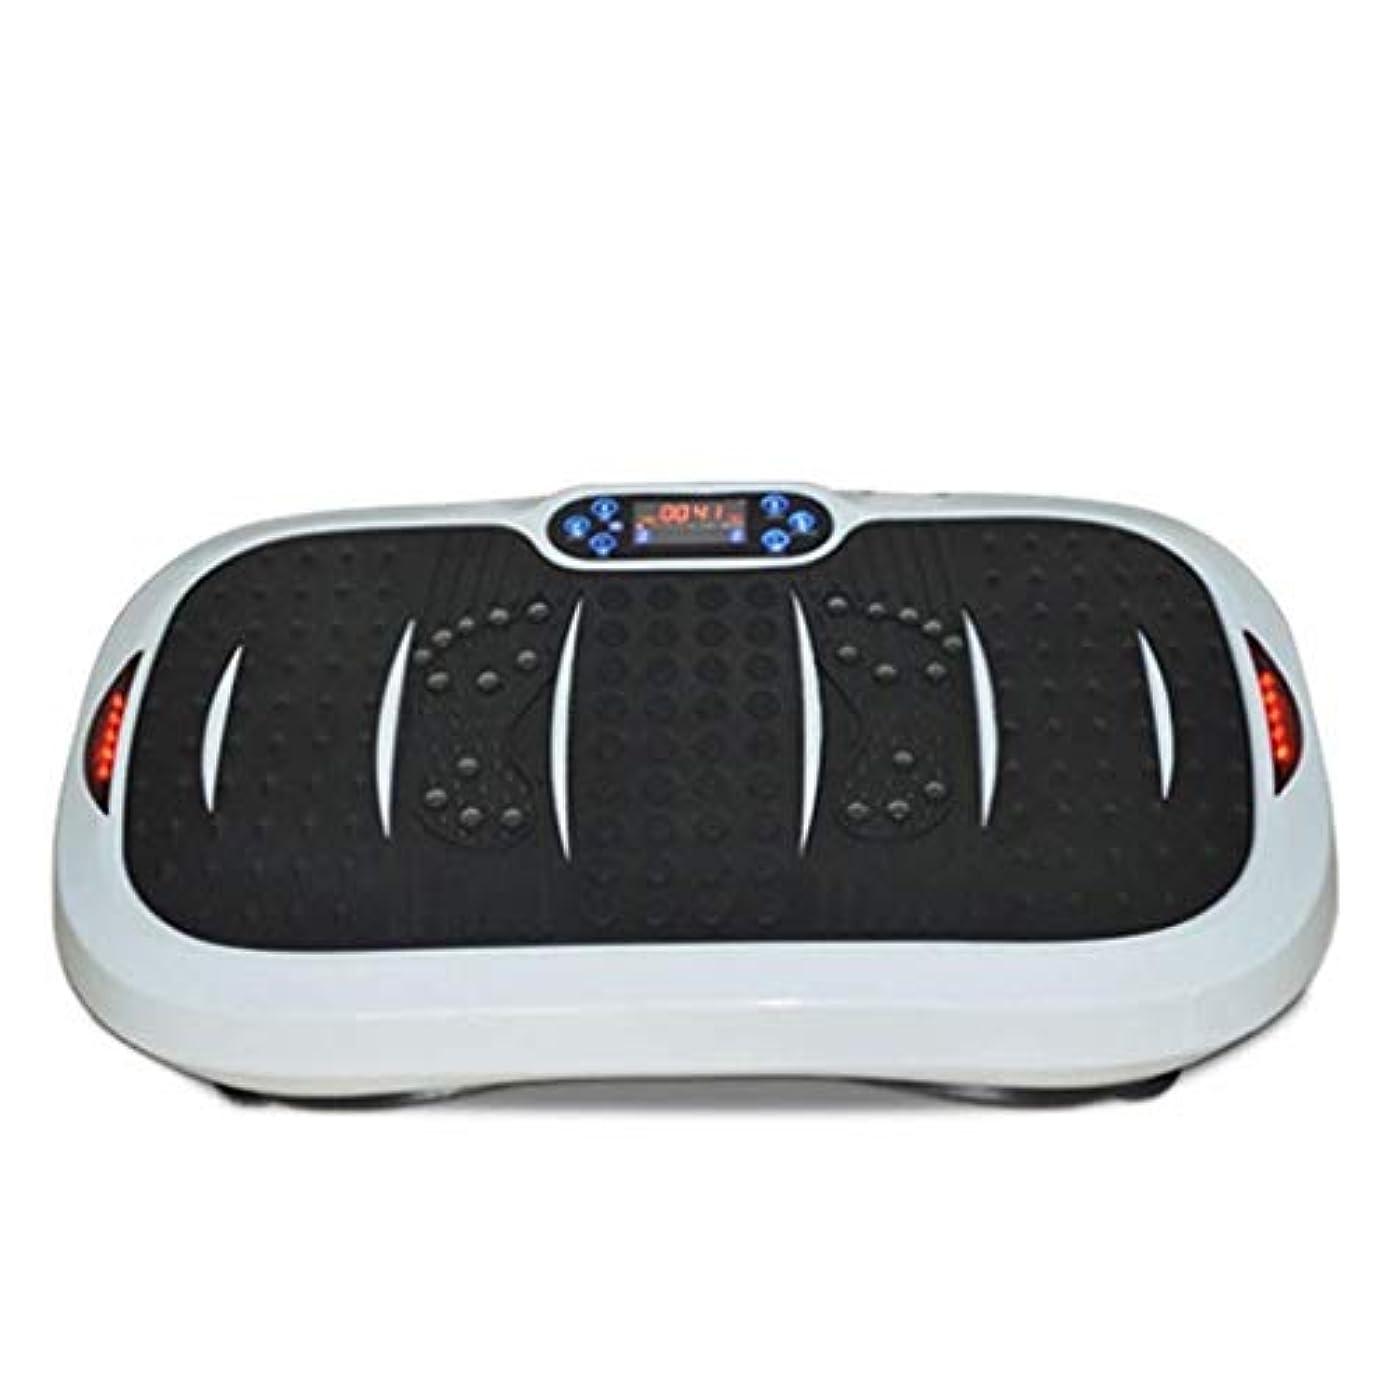 推進、動かすピカソ致死家庭用減量装置、超薄型振動フィットネストレーナー、スポーツおよび3Dフィットネス振動プレート、USB音楽/スピーカー付き/ 99レベル減速ボディおよびタッチディスプレイ滑り止め表面